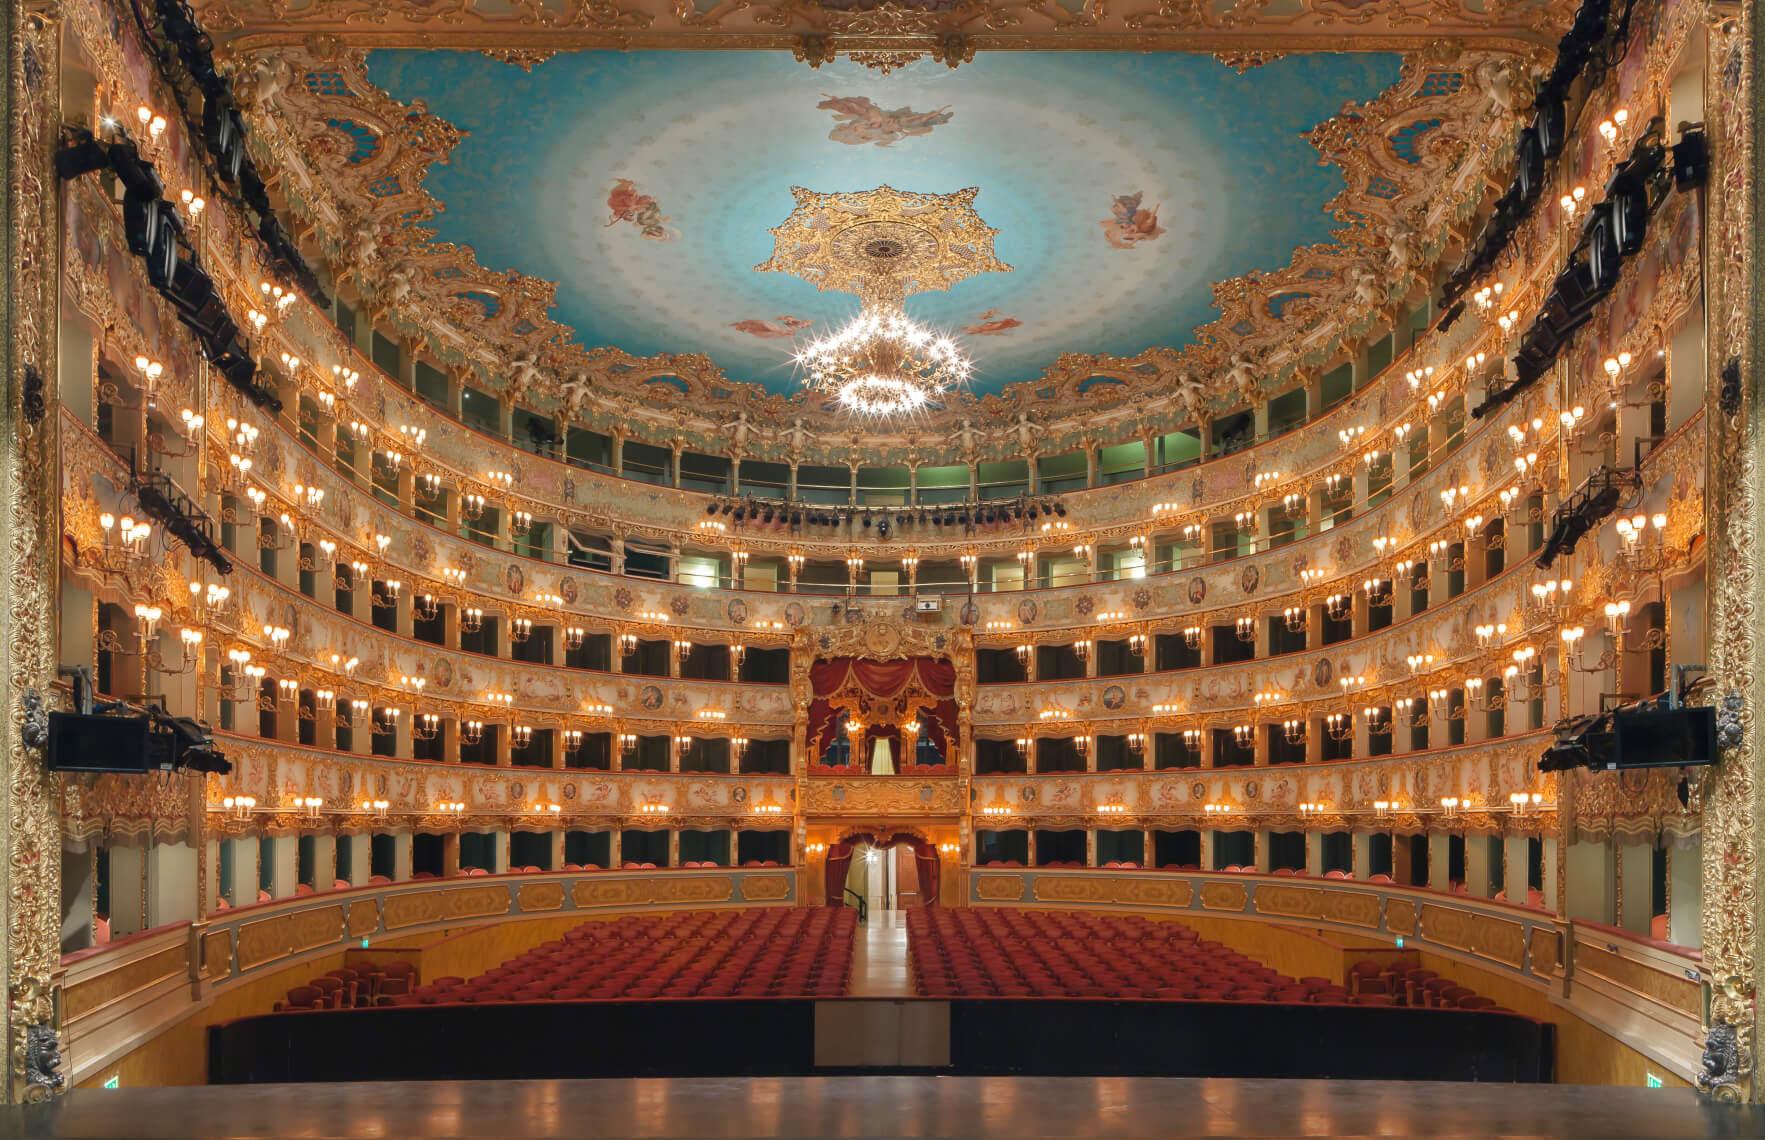 Visita La Fenice - Teatro La Fenice